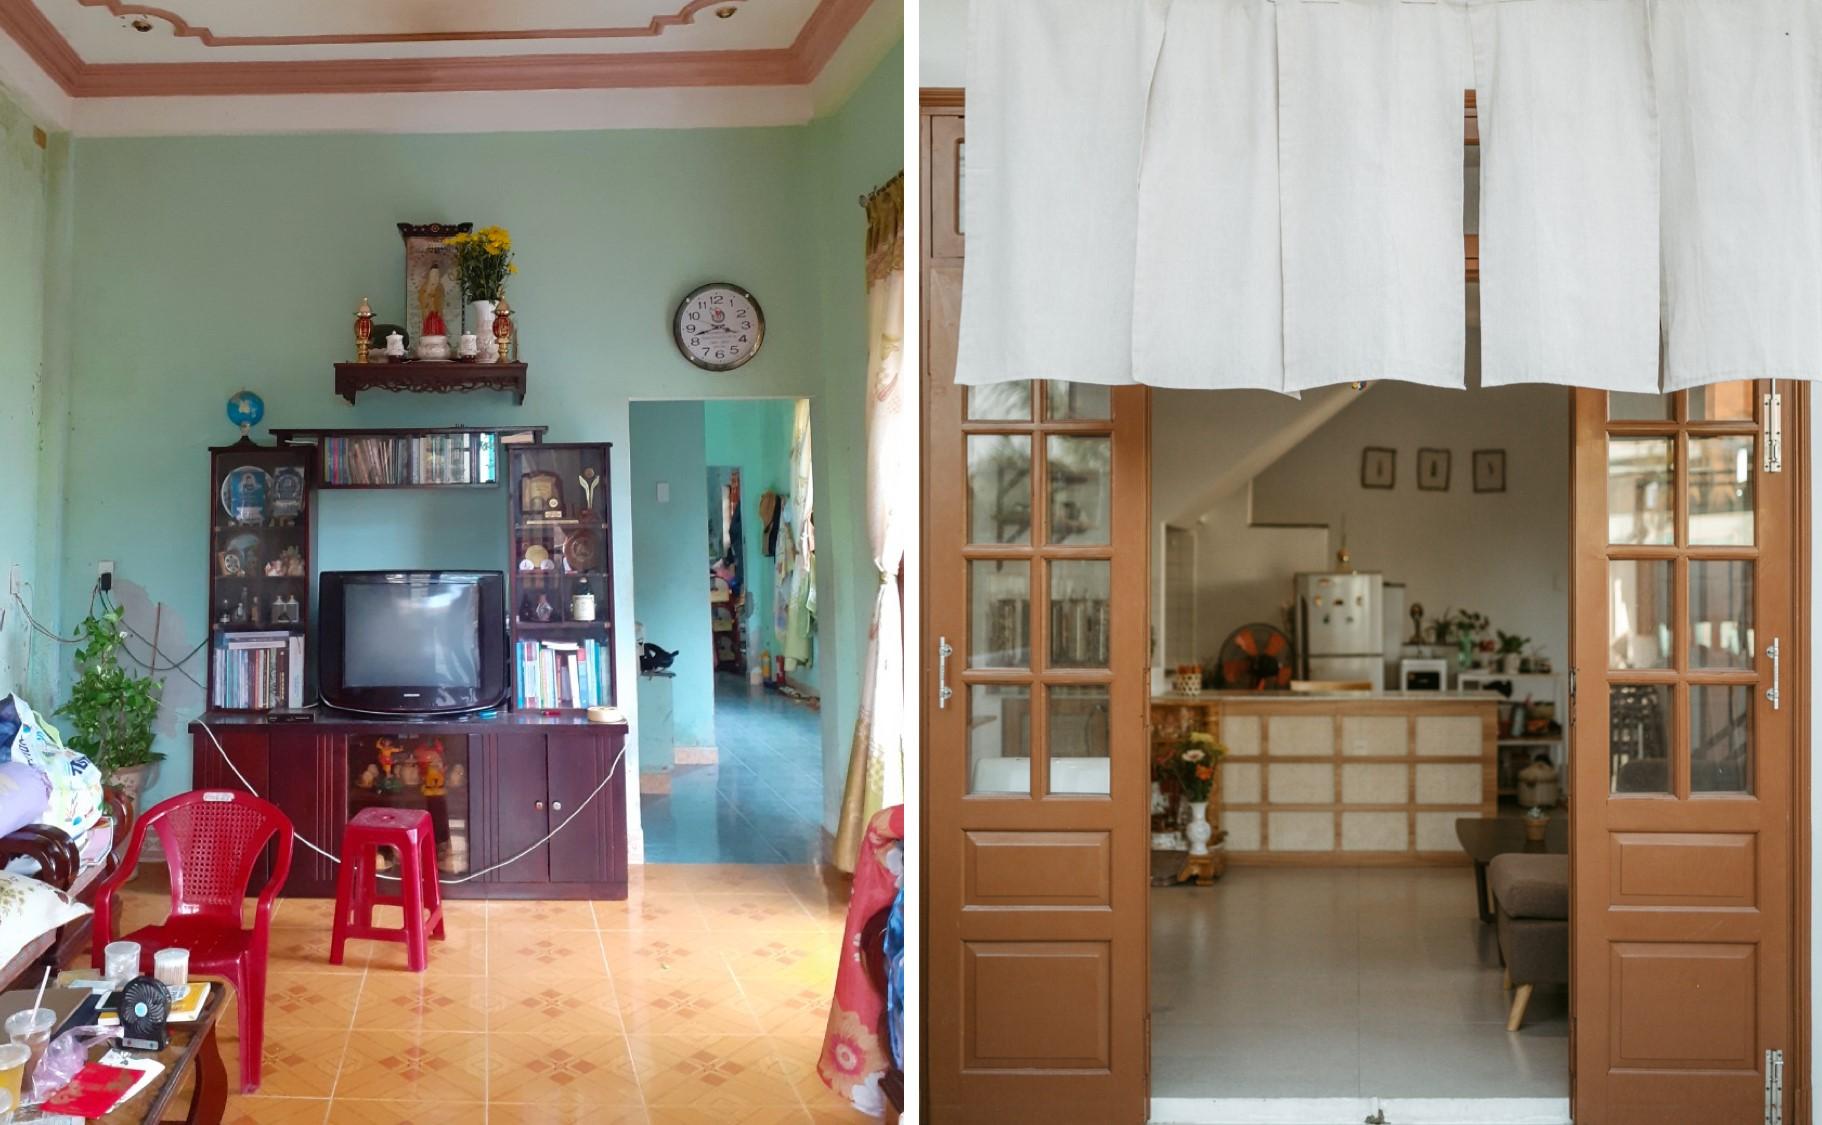 Cô gái quyết định rời Sài Gòn về Hội An cải tạo nhà ở 20 năm đã xuống cấp thành homestay 5 phòng đẹp lung linh, cho khách thuê chỉ 420-520 ngàn đồng/ phòng - Ảnh 4.